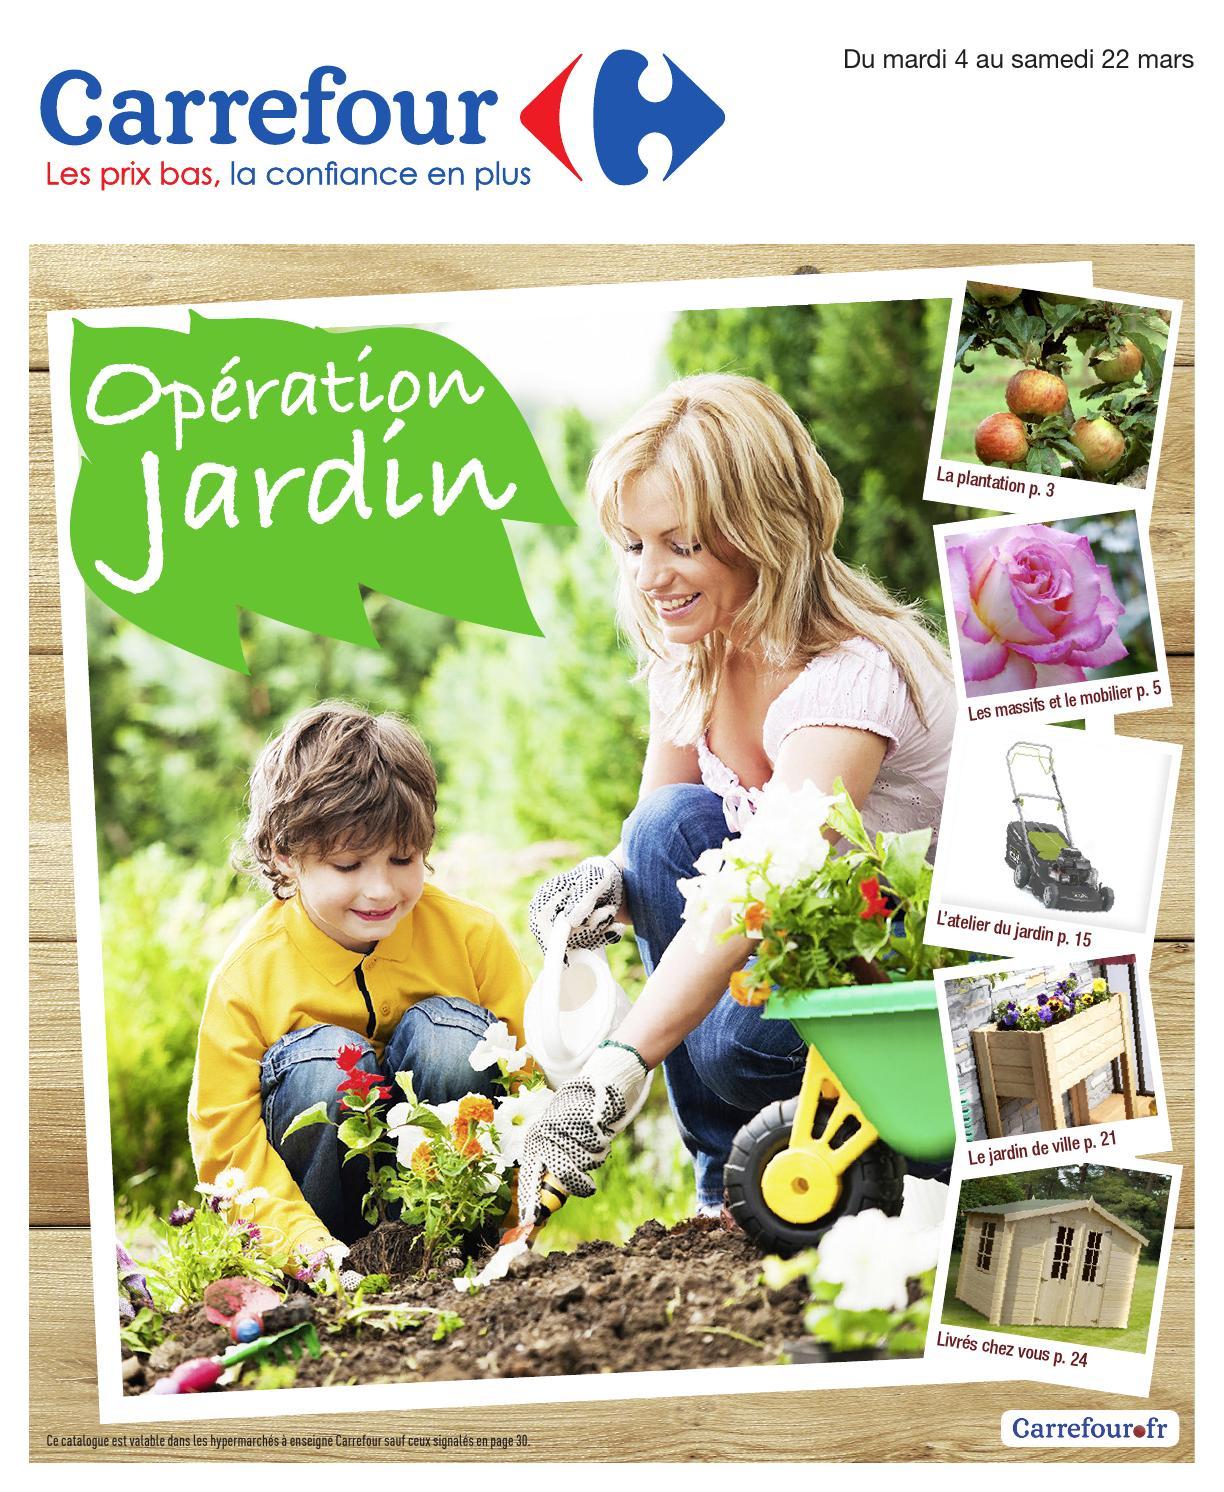 Catalogue Carrefour - 4-22.03.2014 By Joe Monroe - Issuu encequiconcerne Chalet De Jardin Carrefour